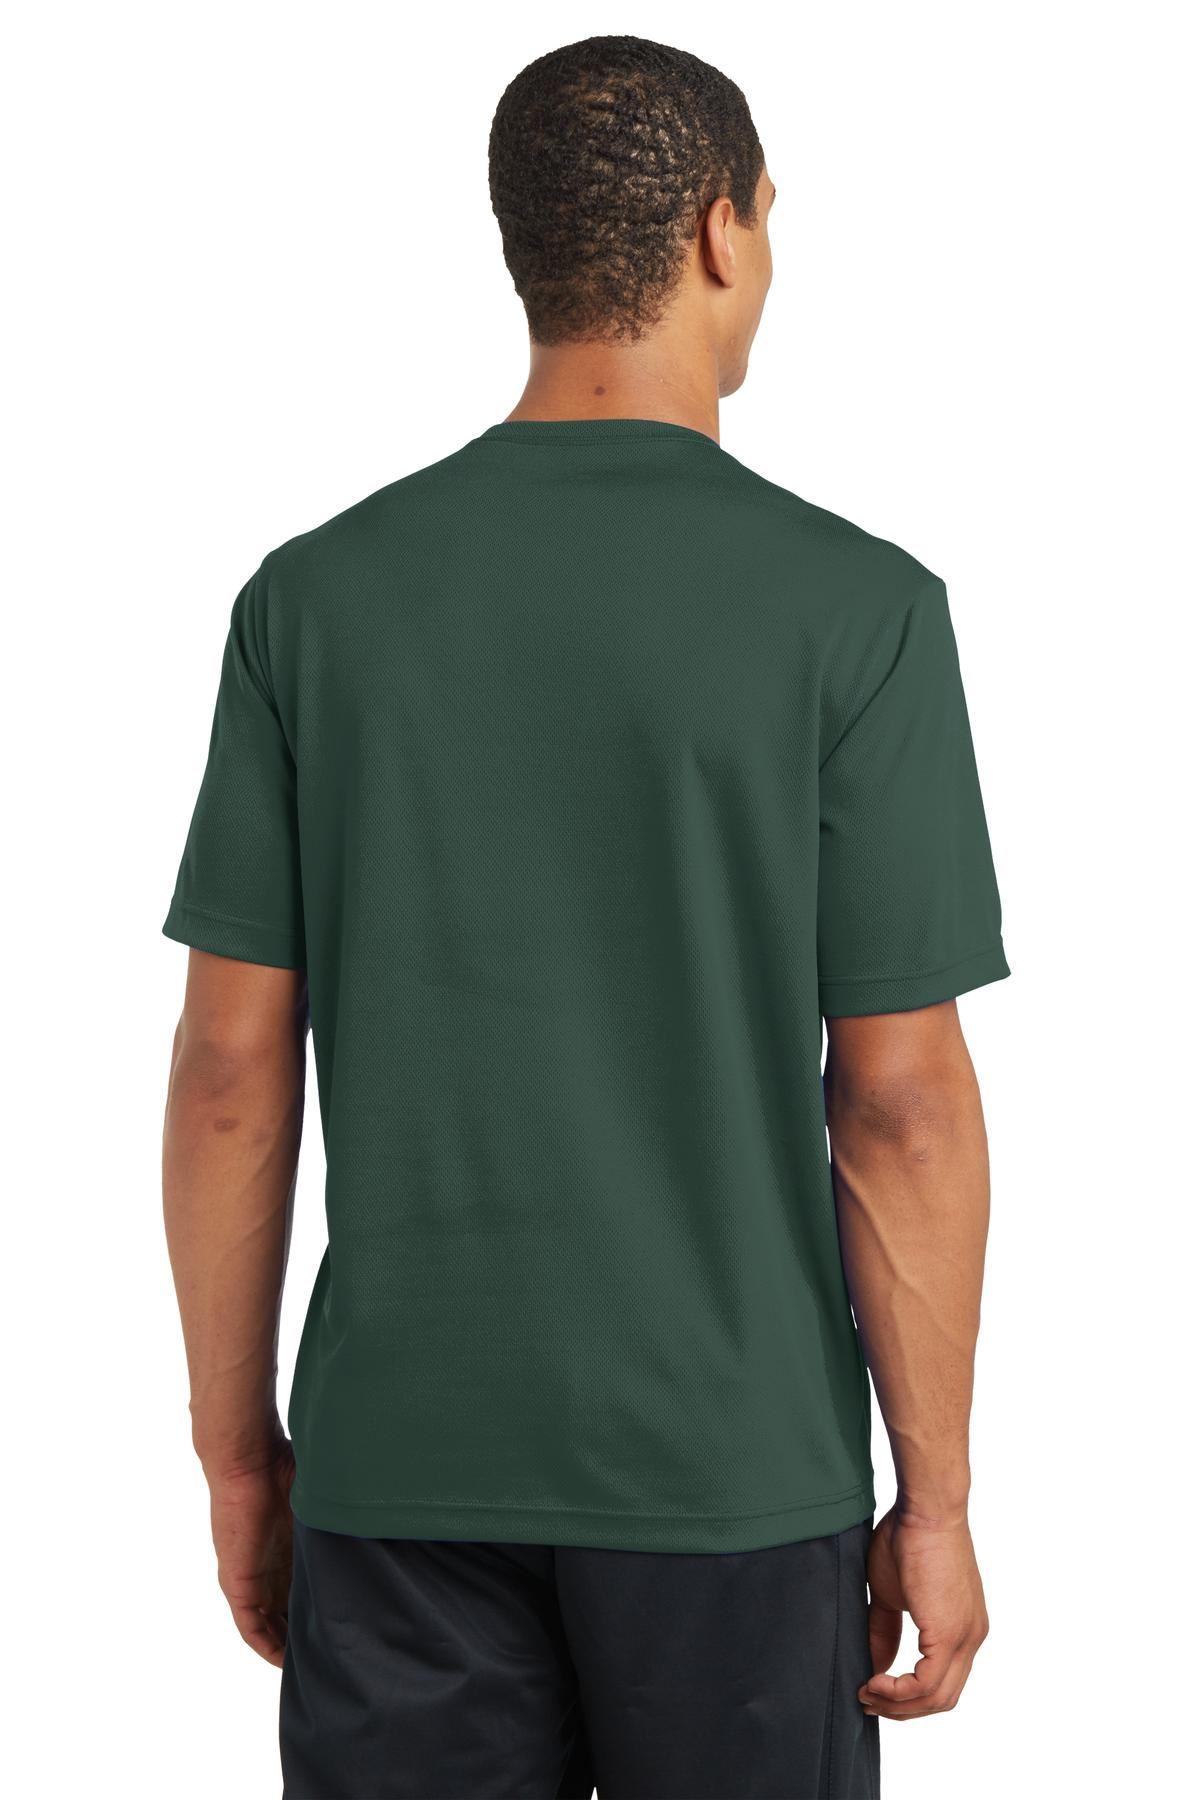 thumbnail 9 - Sport-Tek Men's Dry-Fit RacerMesh Moisture Wicking T-Shirt M-ST340